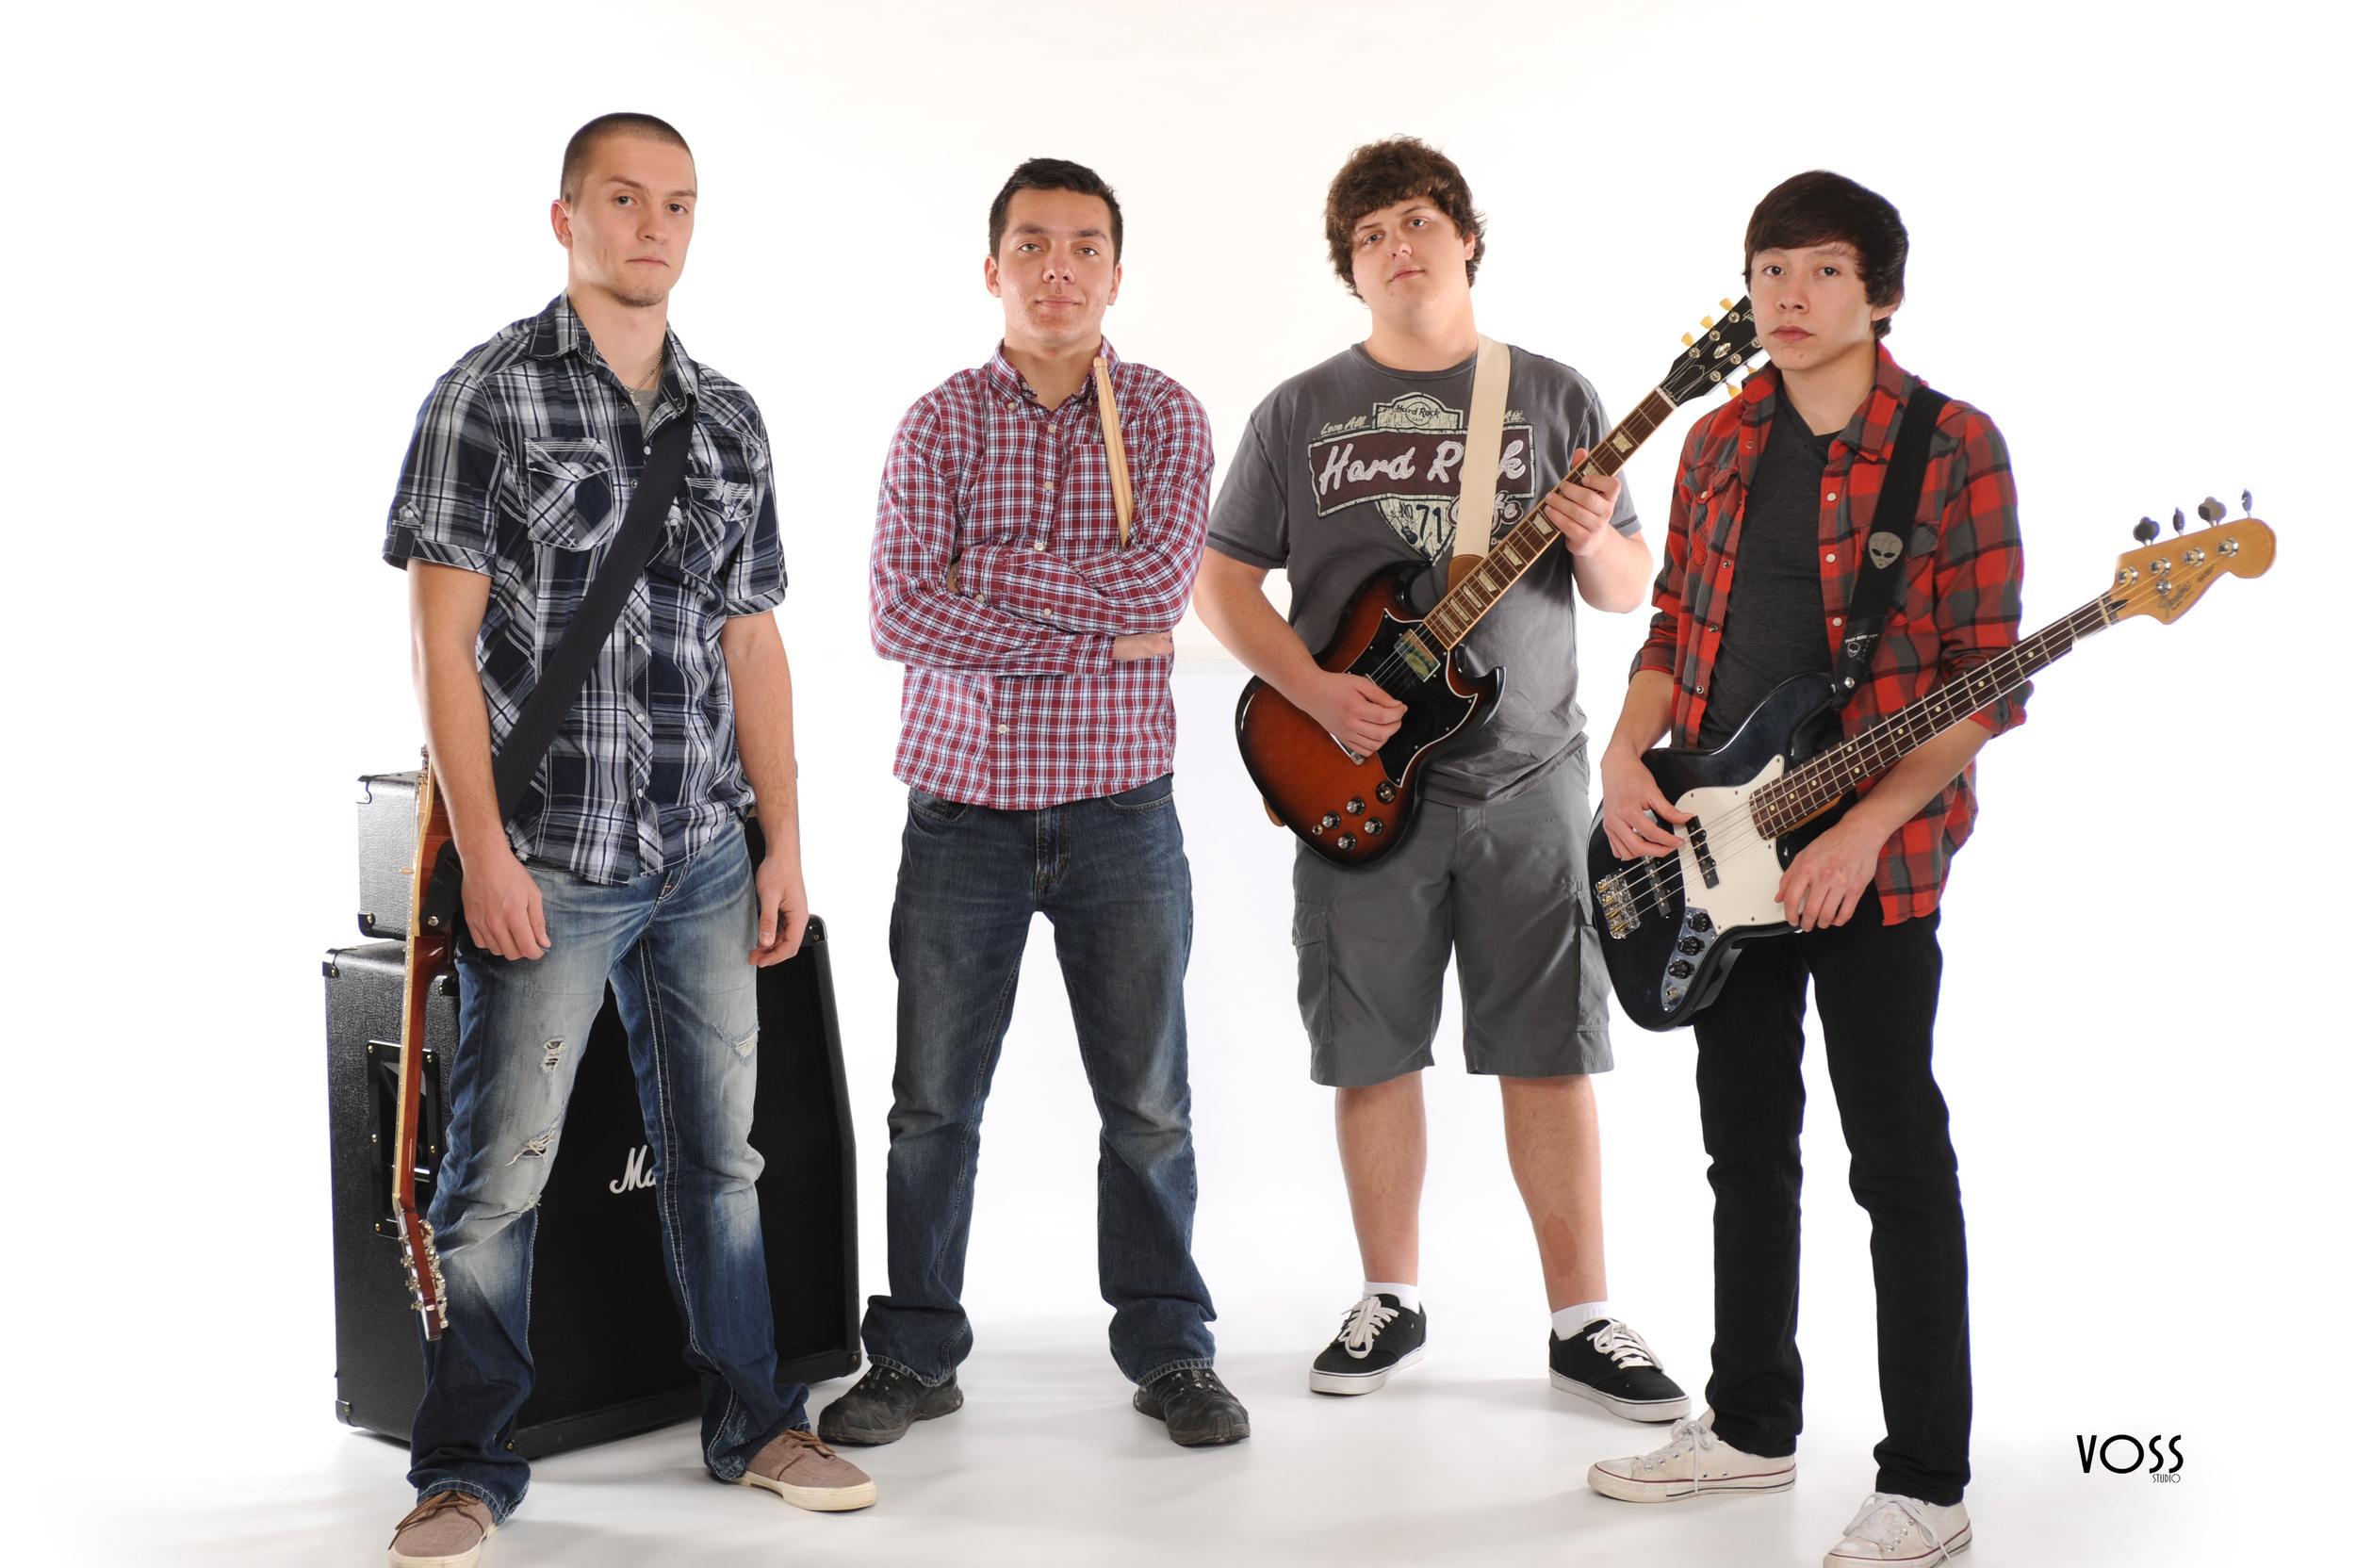 Band052-edited.jpg